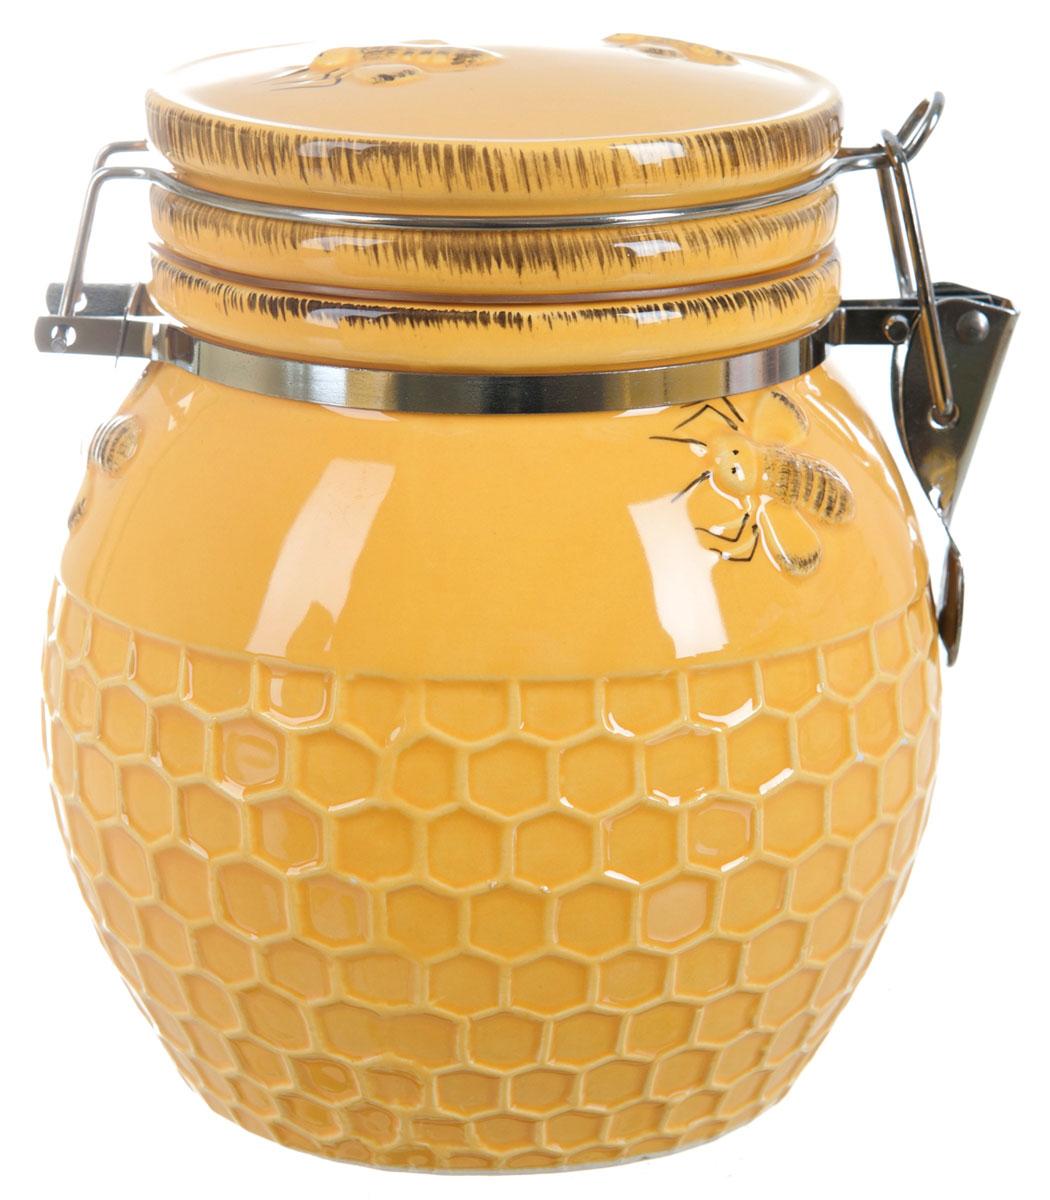 Банка для сыпучих продуктов ENS Group Пчелка, 800 млVT-1520(SR)Банка для сыпучих продуктов ENS Group Пчелка, изготовлена из высококачественной керамики. Изделие оформлено сотами. Банка прекрасно подойдет для хранения различных сыпучих продуктов: чая, кофе, сахара, круп и многого другого. Изящная емкость не только поможет хранить разнообразные сыпучие продукты, но и стильно дополнит интерьер кухни.